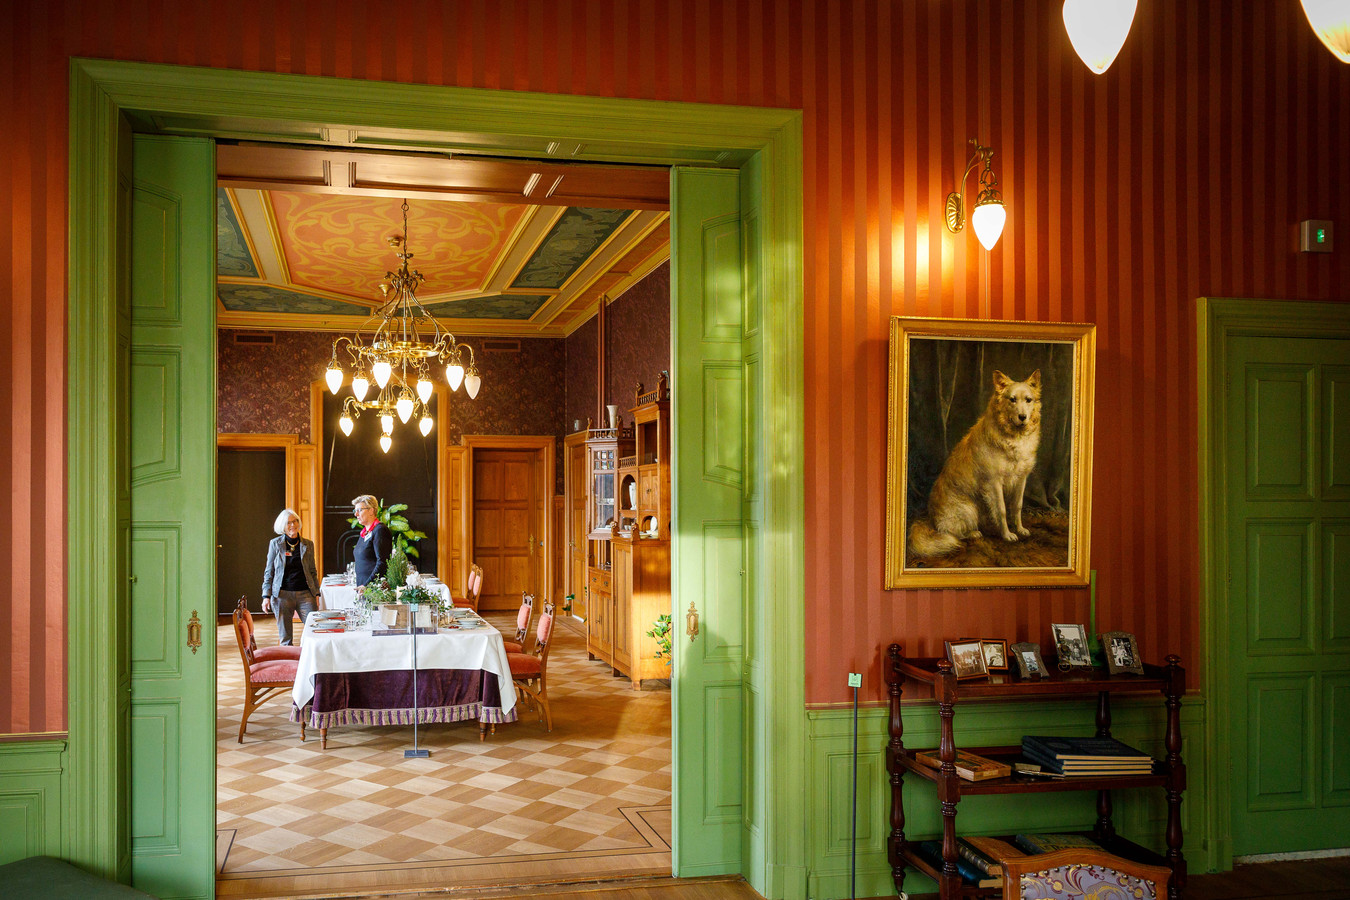 De vereniging Hendrick de Keyser wil het schilderij van hond Nansen dolgraag behouden voor museumhuis Villa Rams Woerthe.